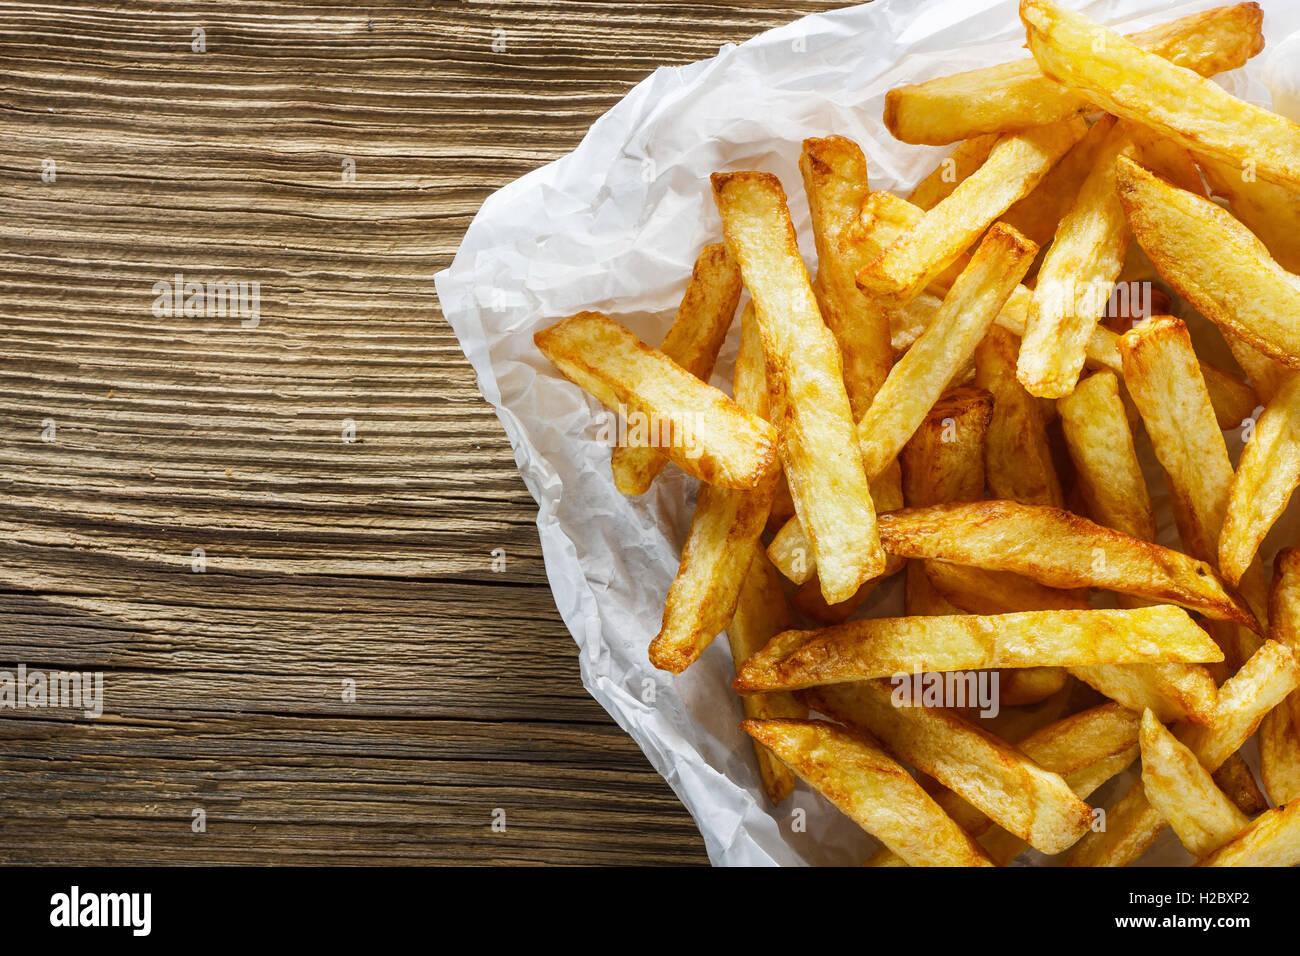 Patate fritte sul tavolo di legno Immagini Stock